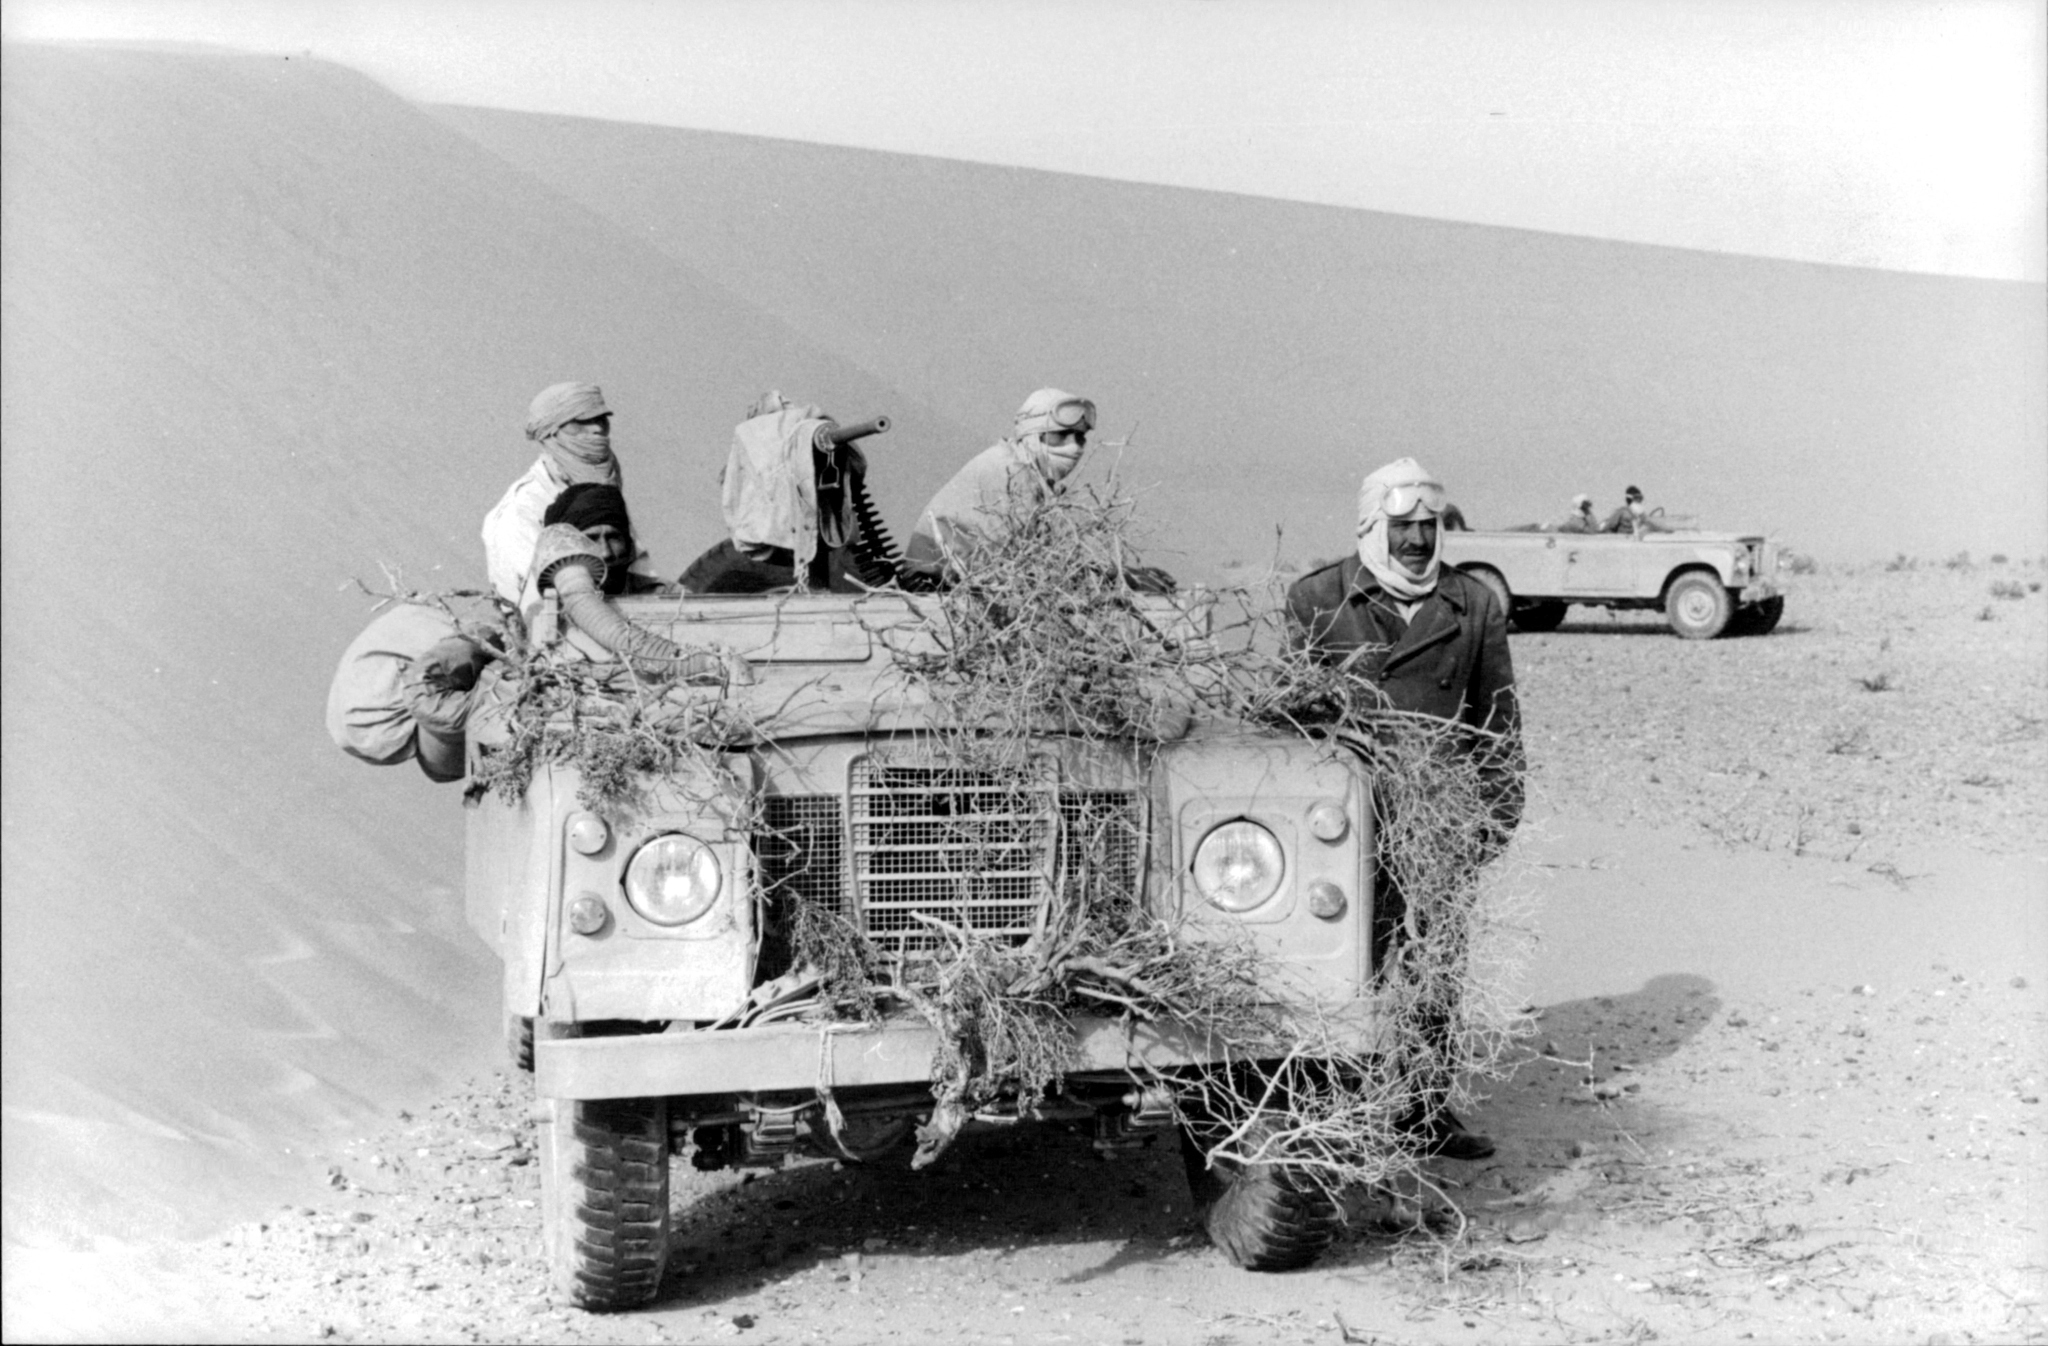 Le conflit armé du sahara marocain - Page 11 48517041687_b68b611d4c_o